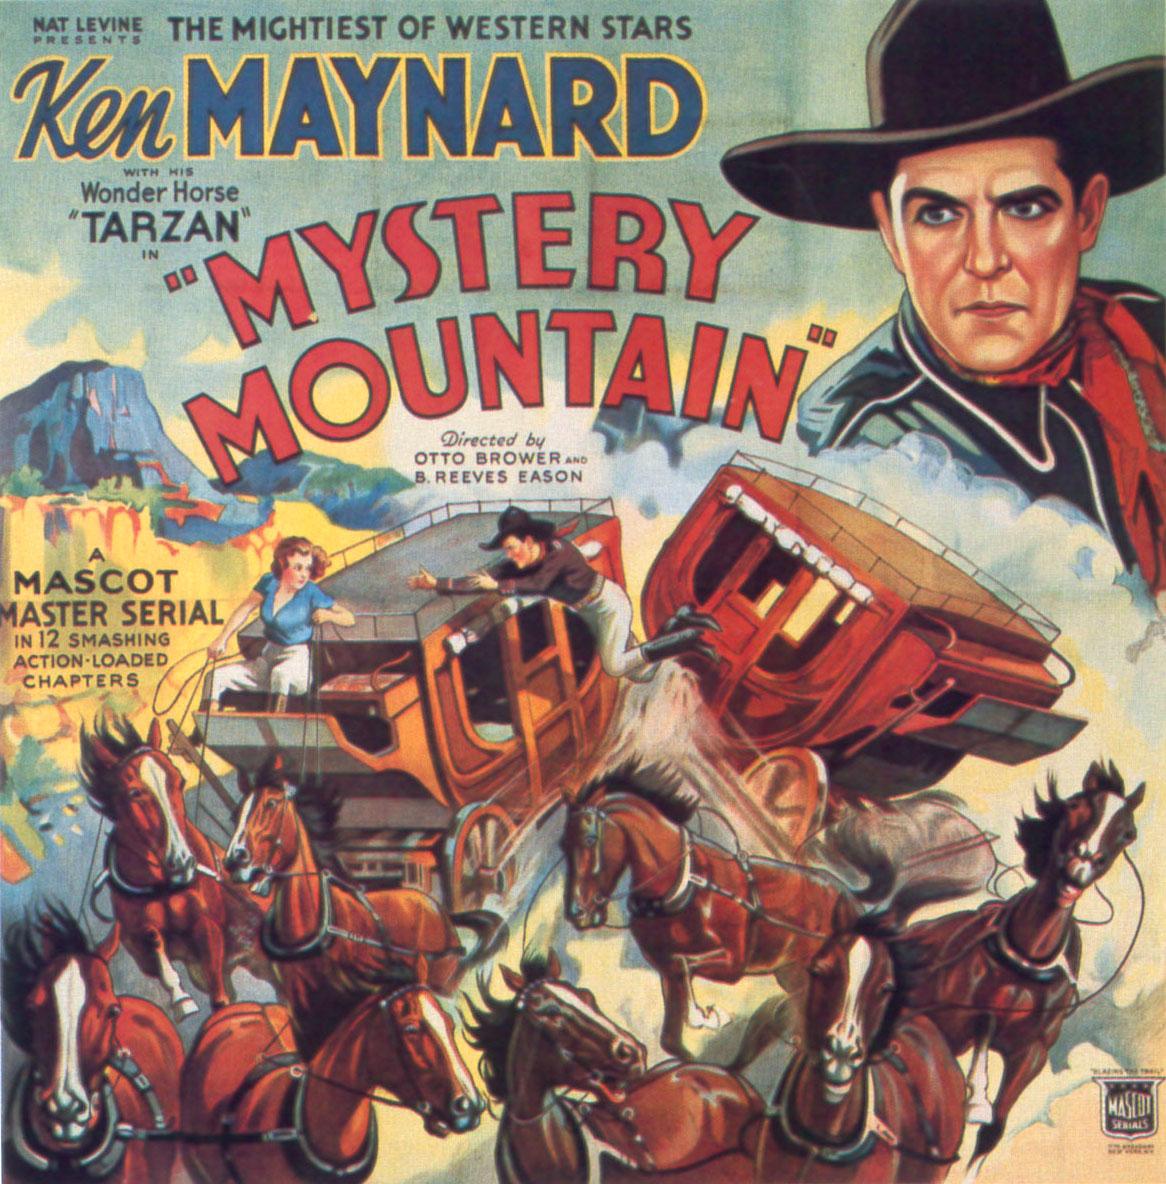 Honor of the range Ken Maynard western movie poster print